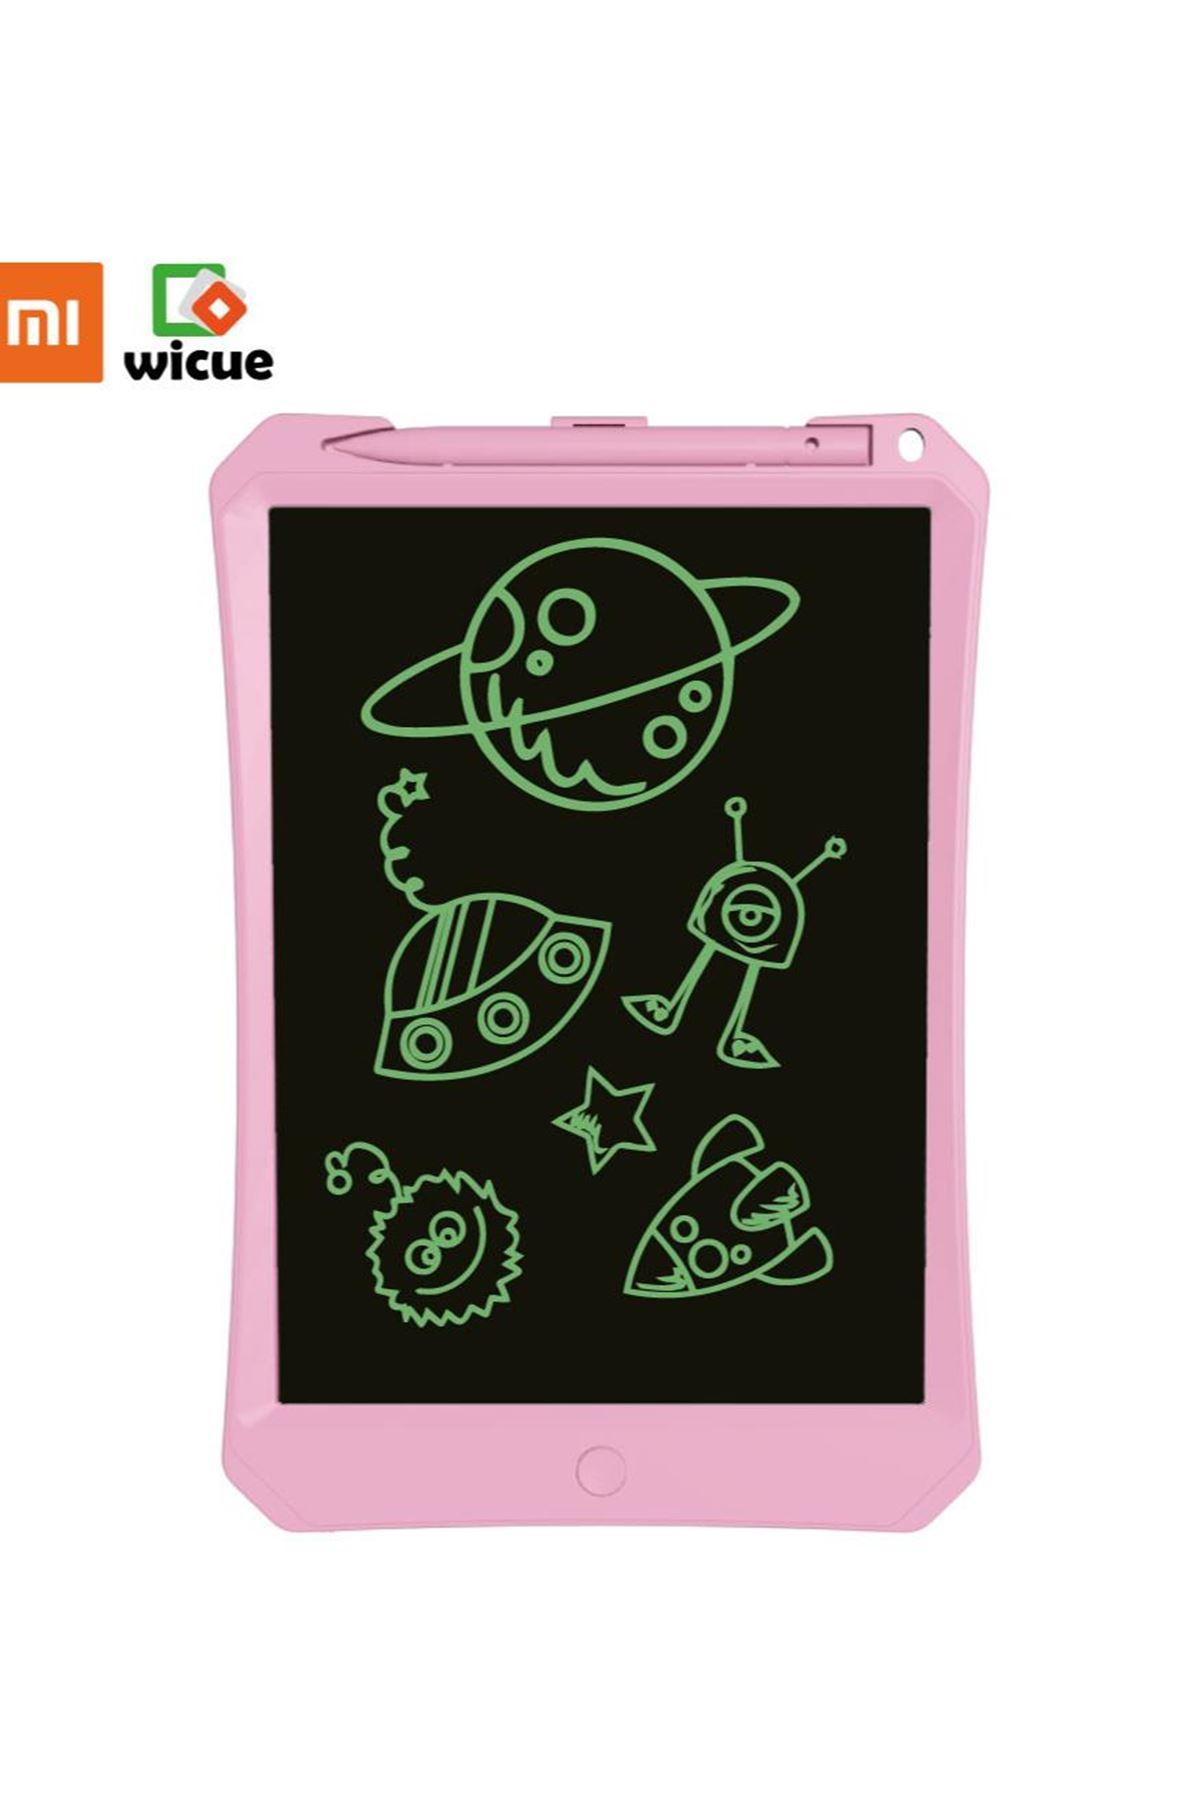 Xiaomi Wicue 11 LCD Dijital Çizim Tableti Pembe